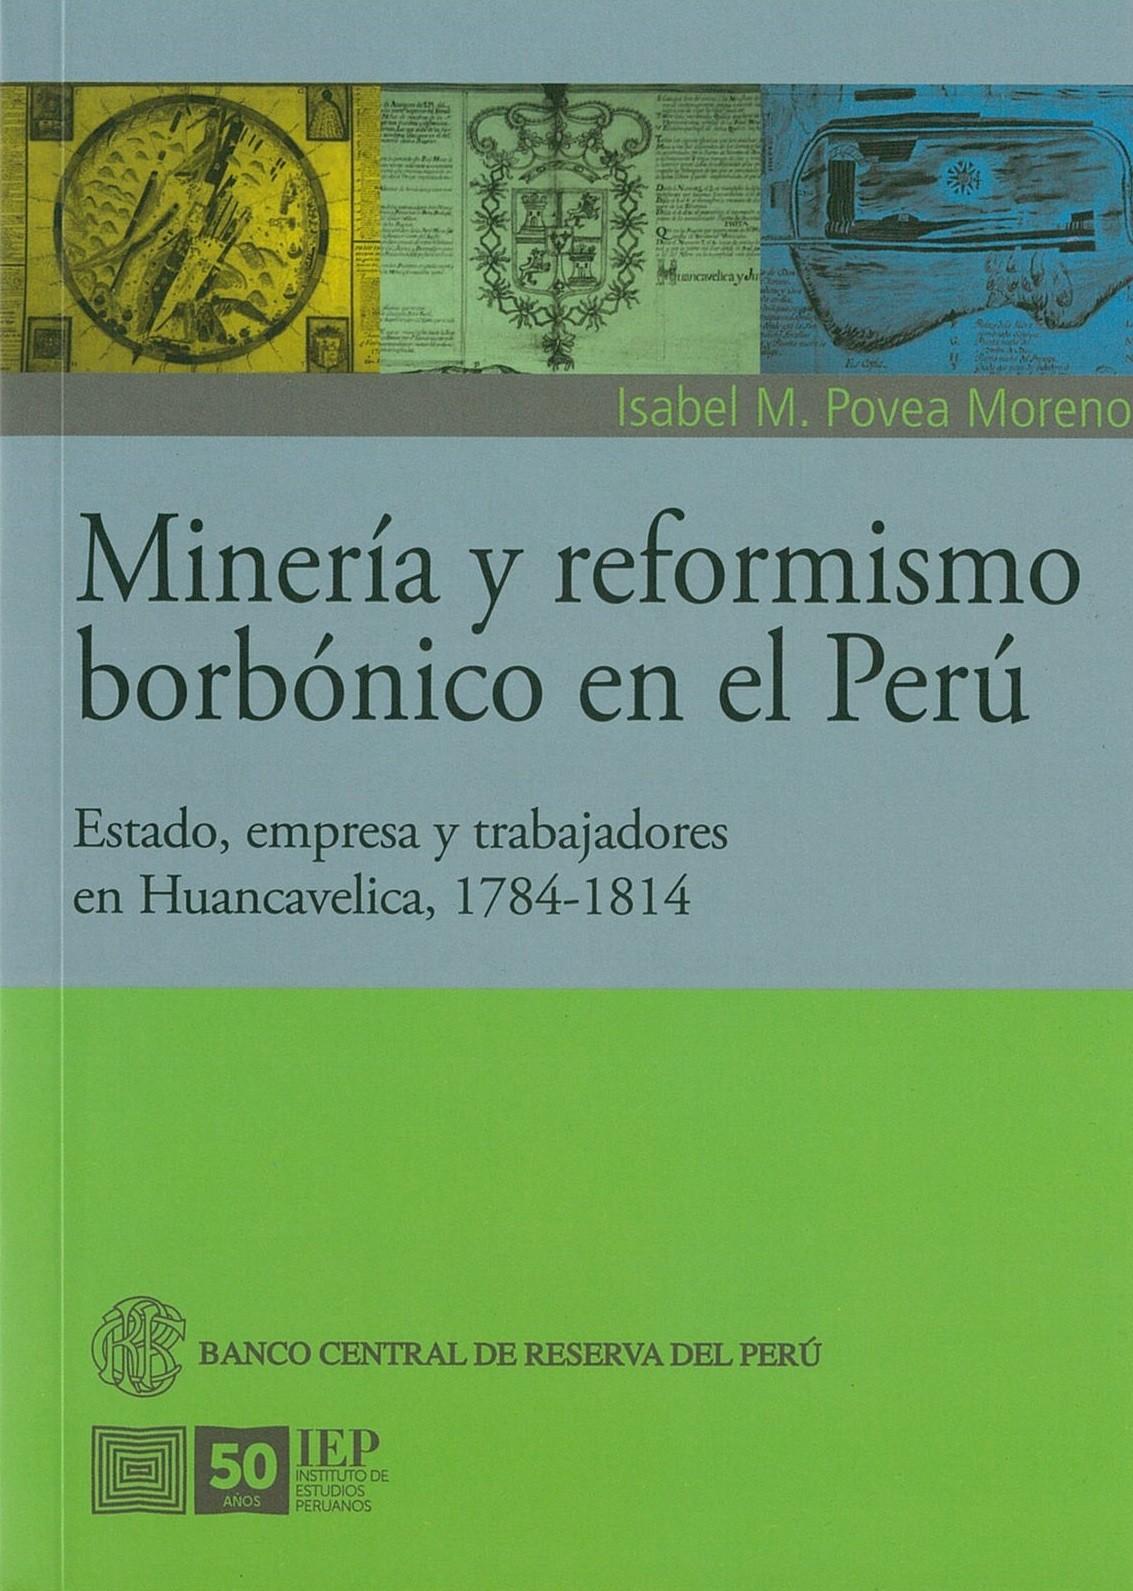 Minería y reformismo borbónico en el Perú